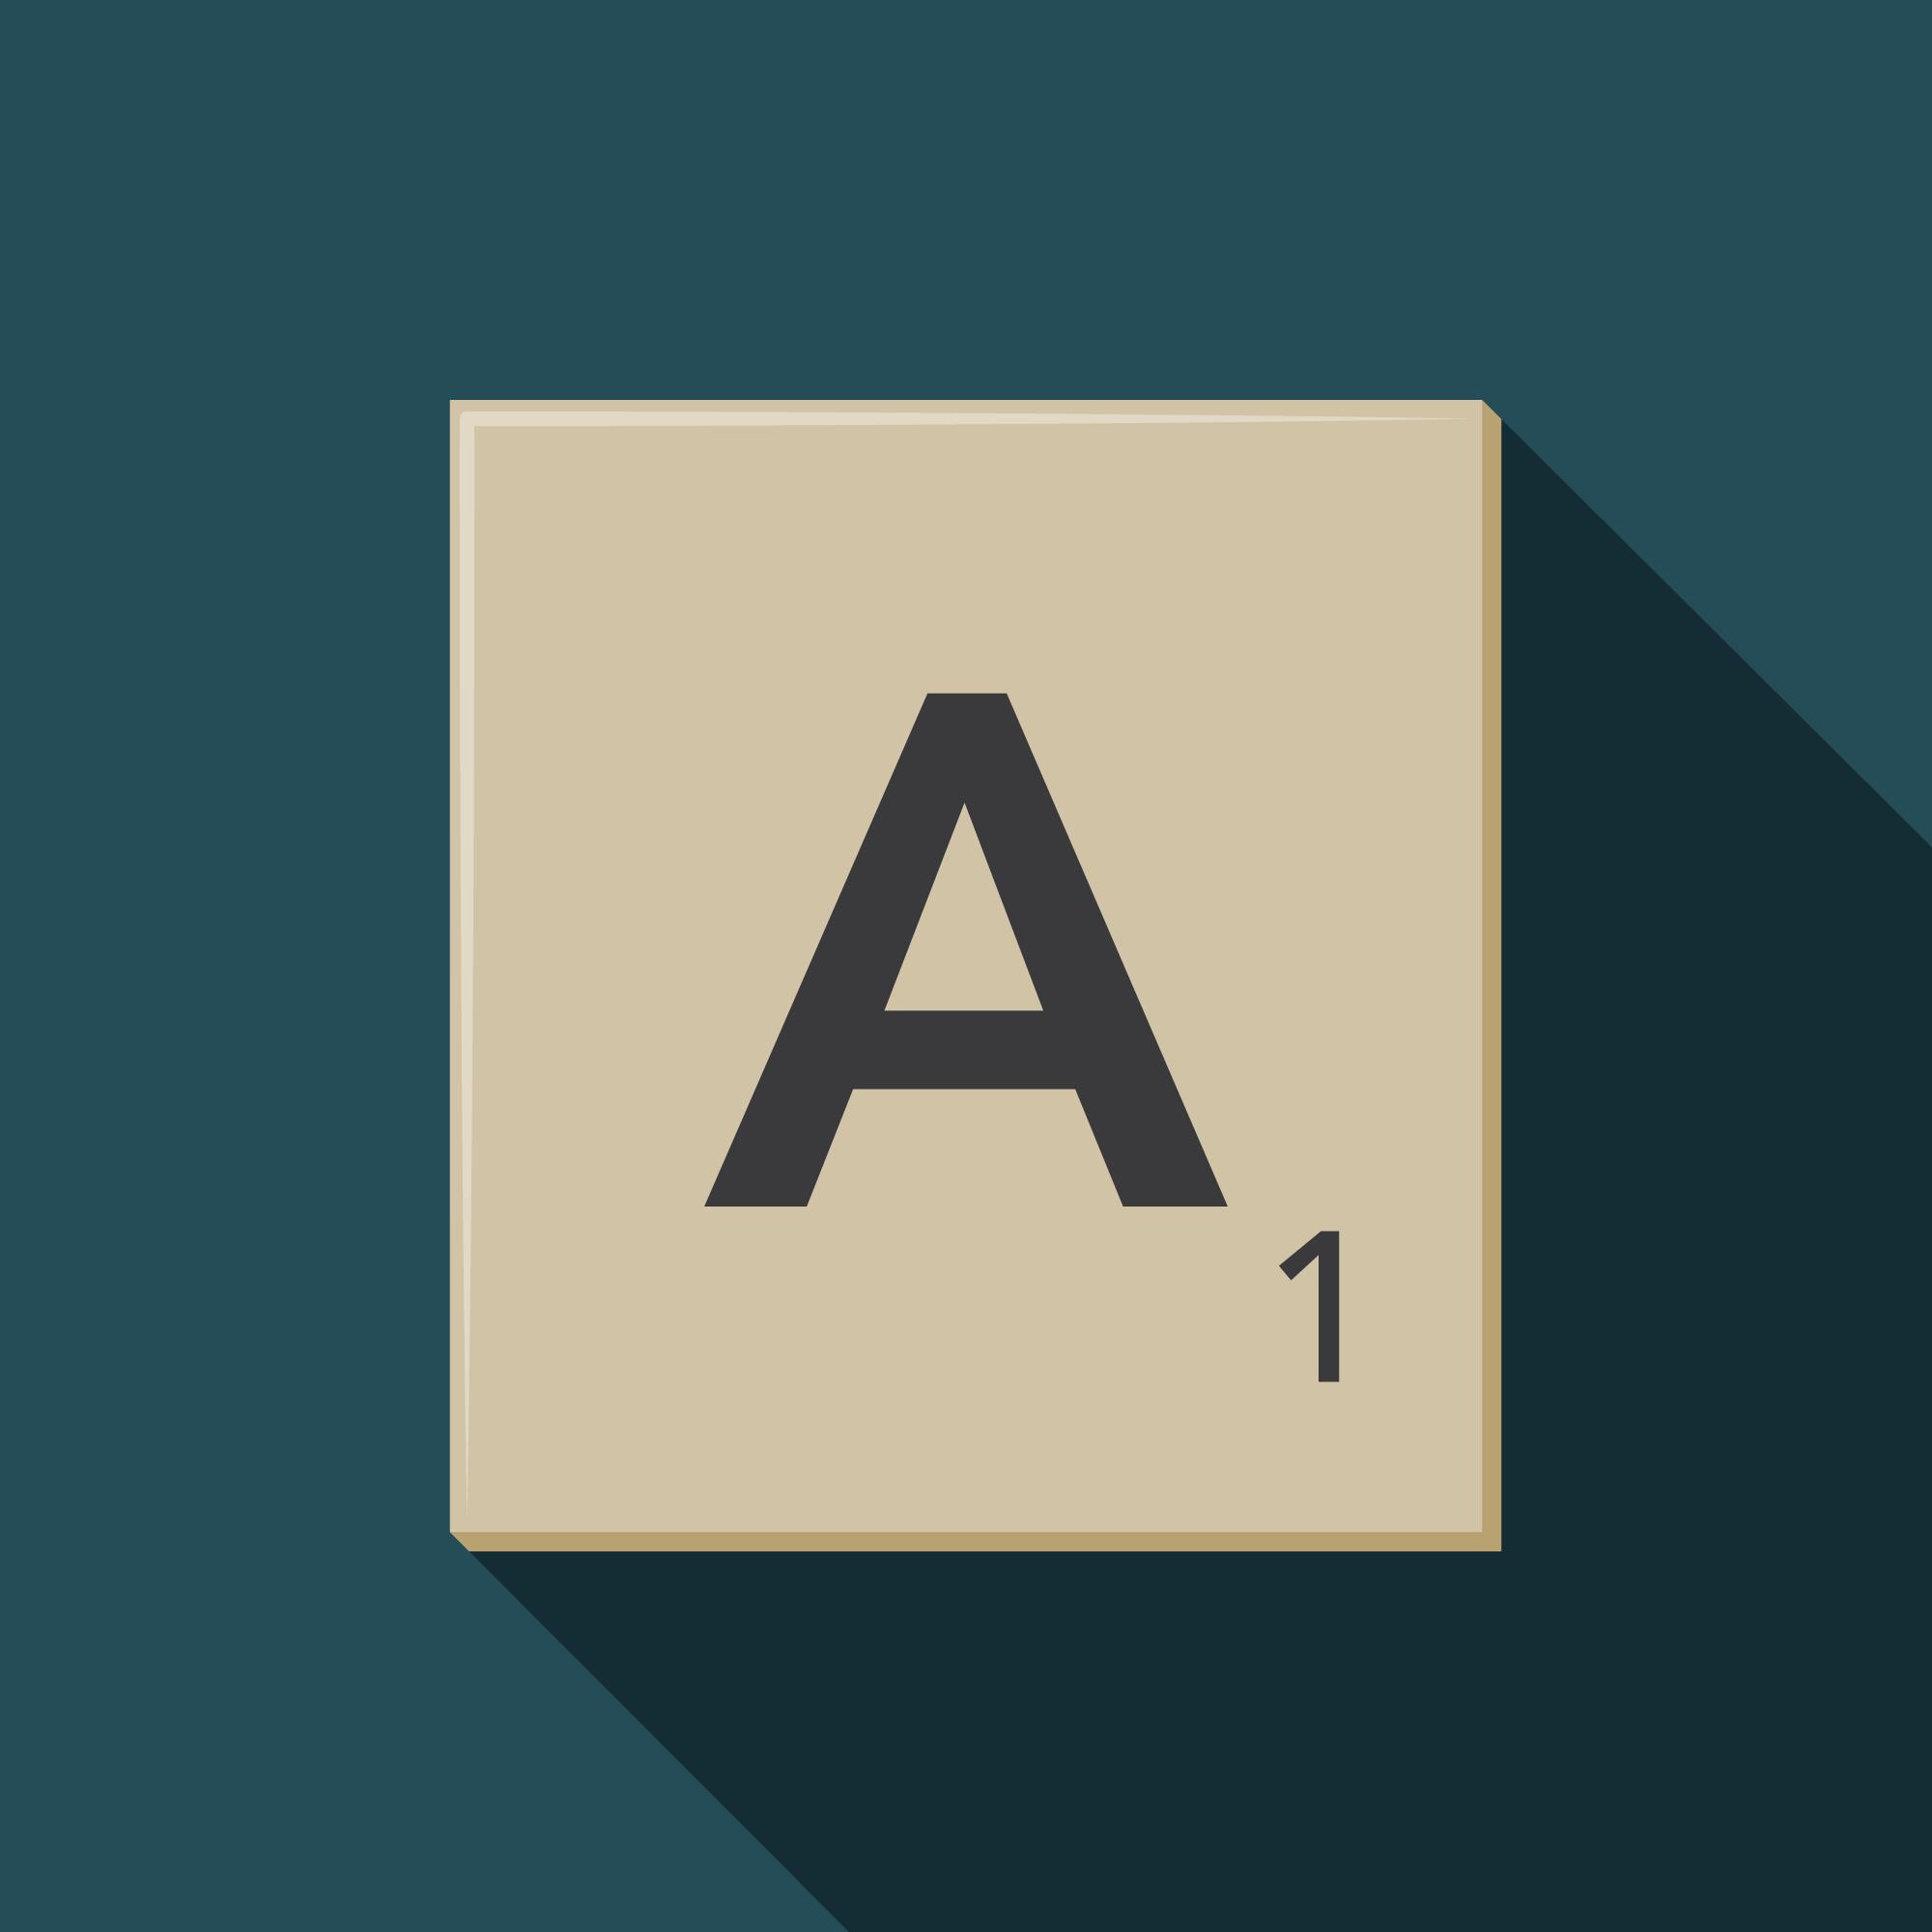 jason-b-graham-a-scrabble-tile-icon-264c57